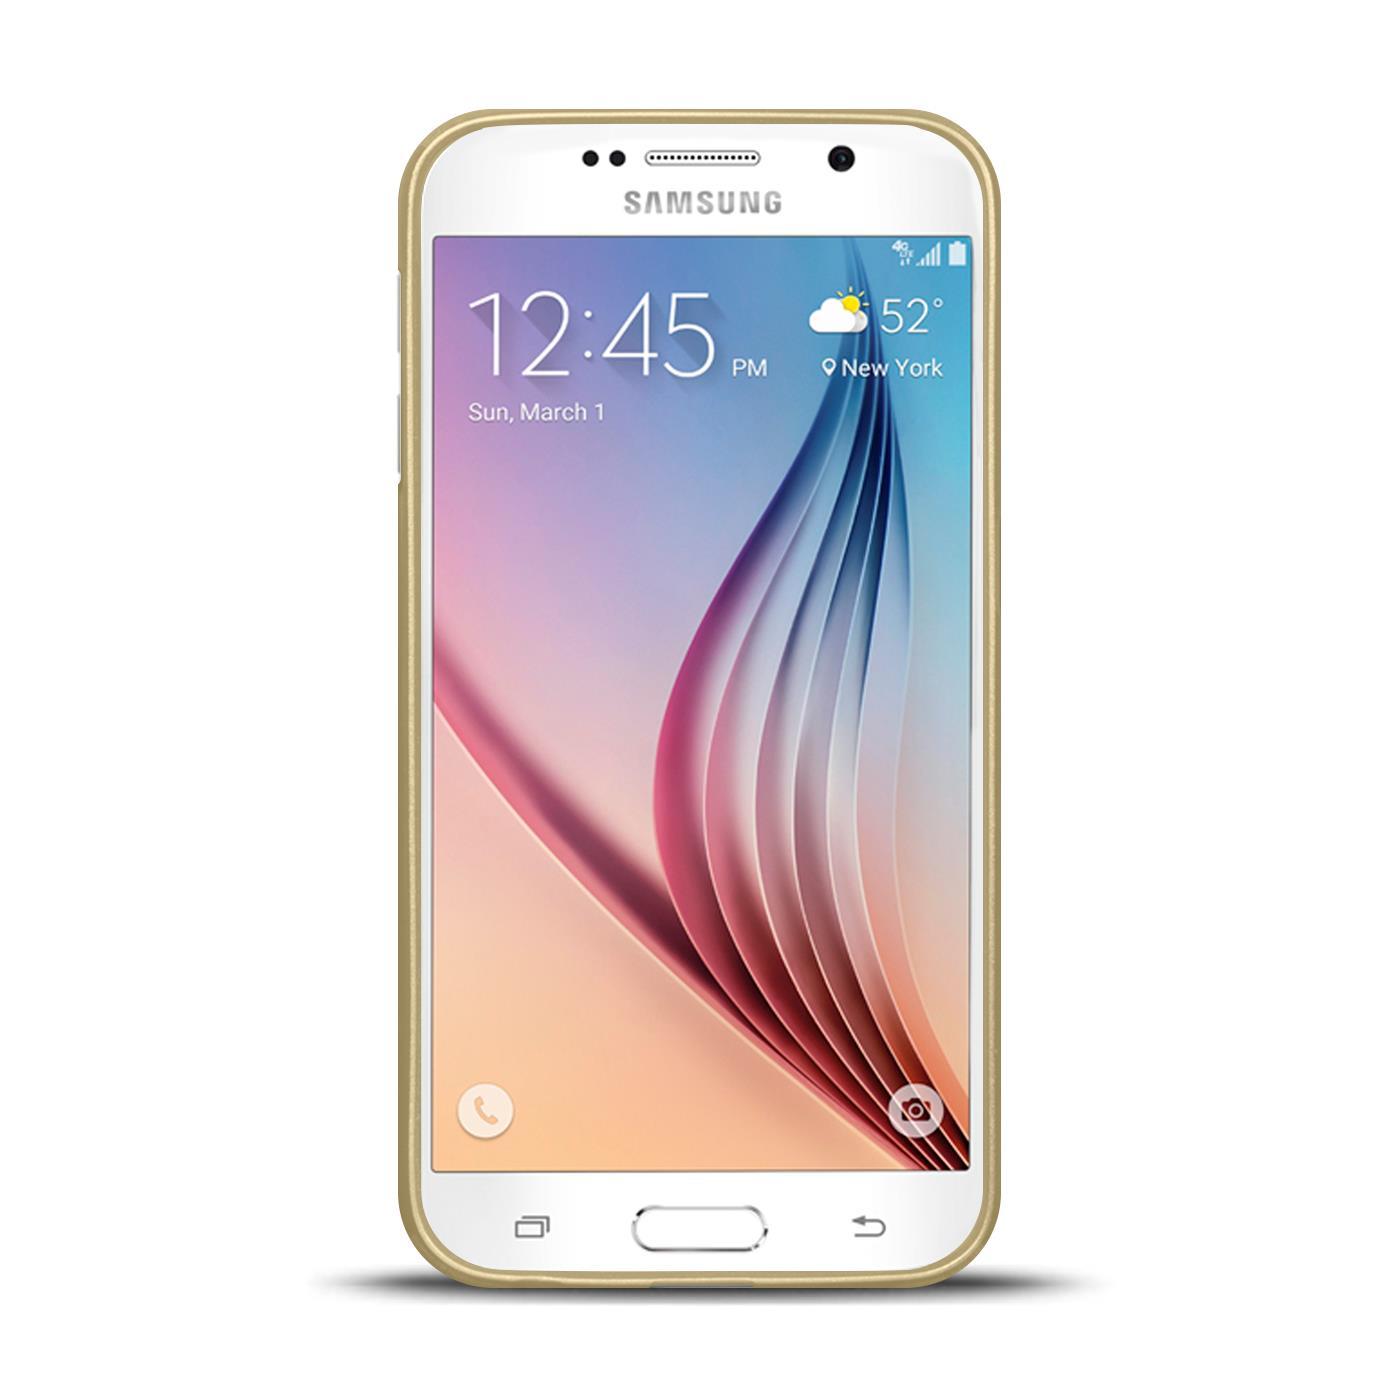 Silikon-Bumper-Case-fuer-Samsung-Galaxy-s6-duenne-ultra-slim-Stossfeste-Rueckschale Indexbild 15